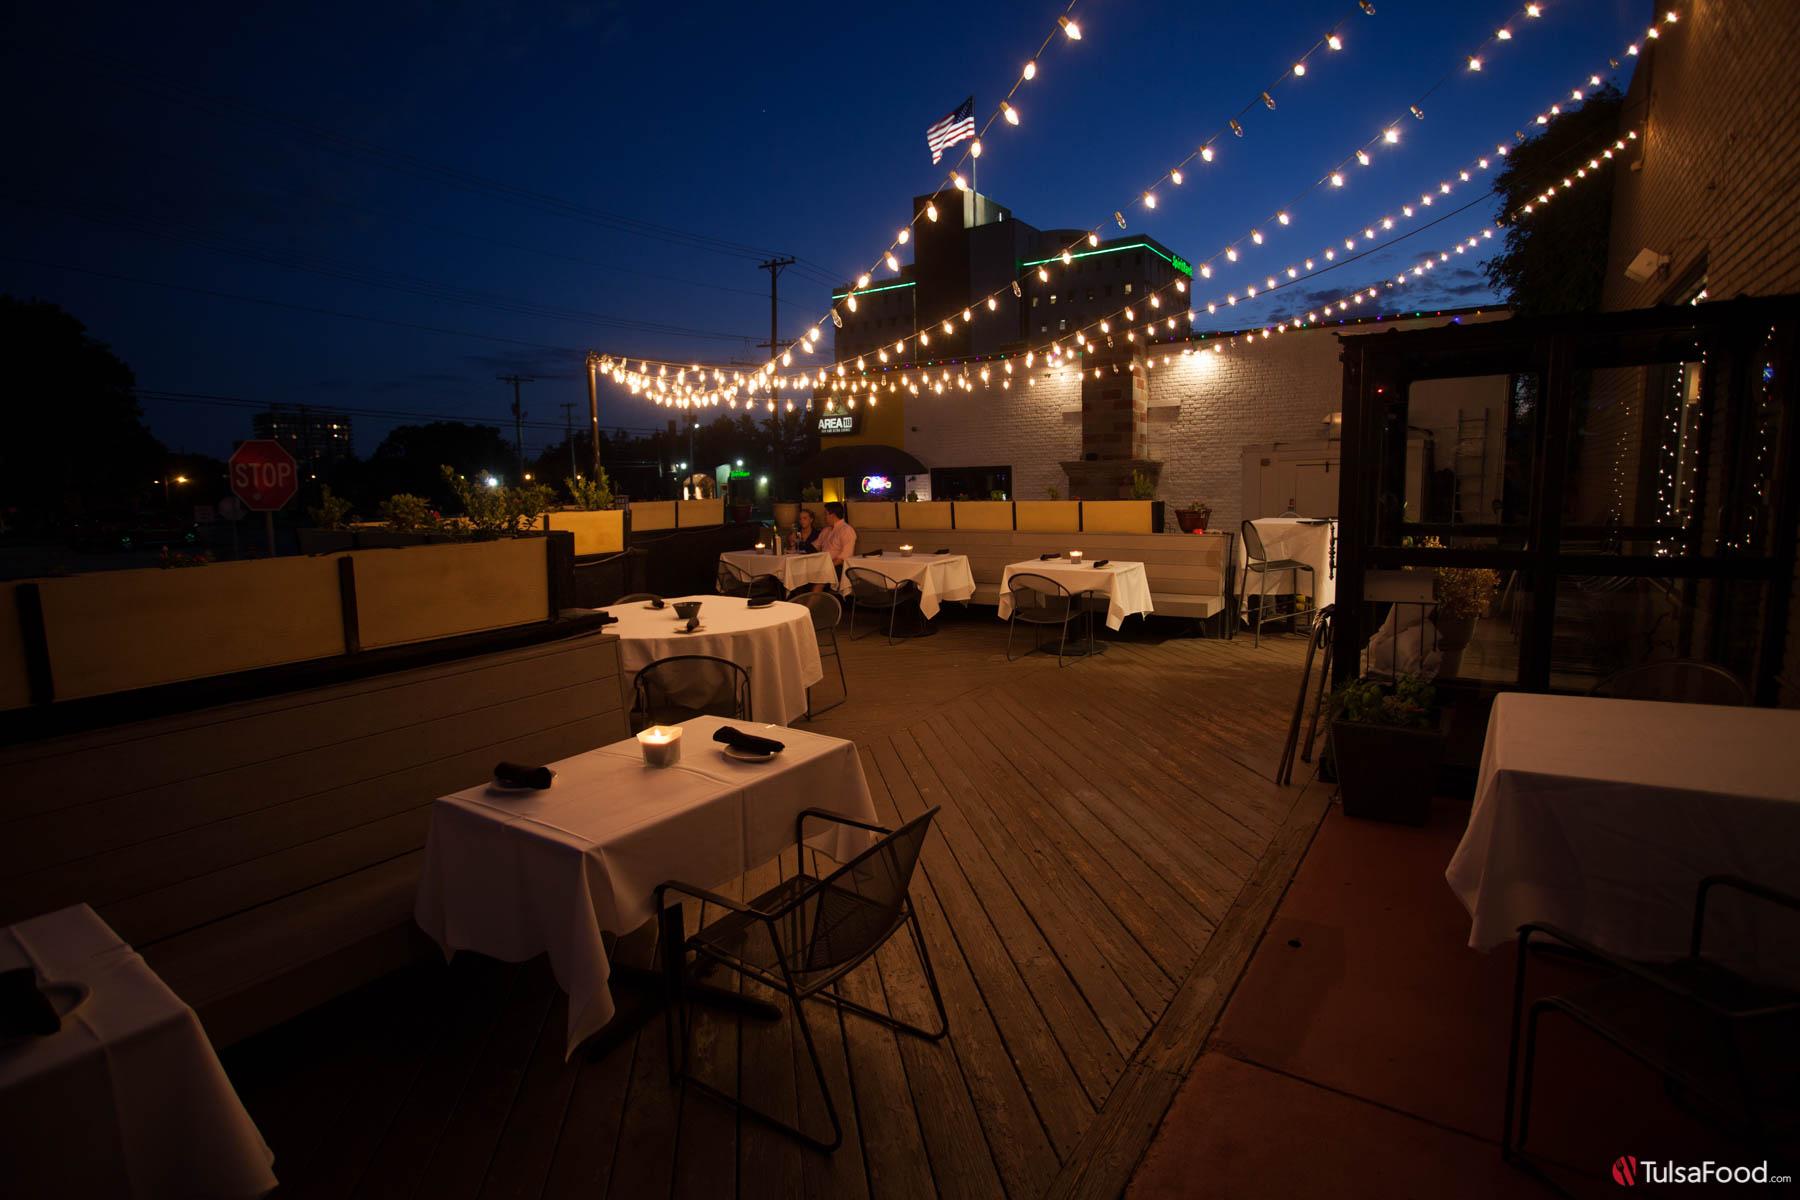 Mexican Food Restaurants In Tulsa Oklahoma